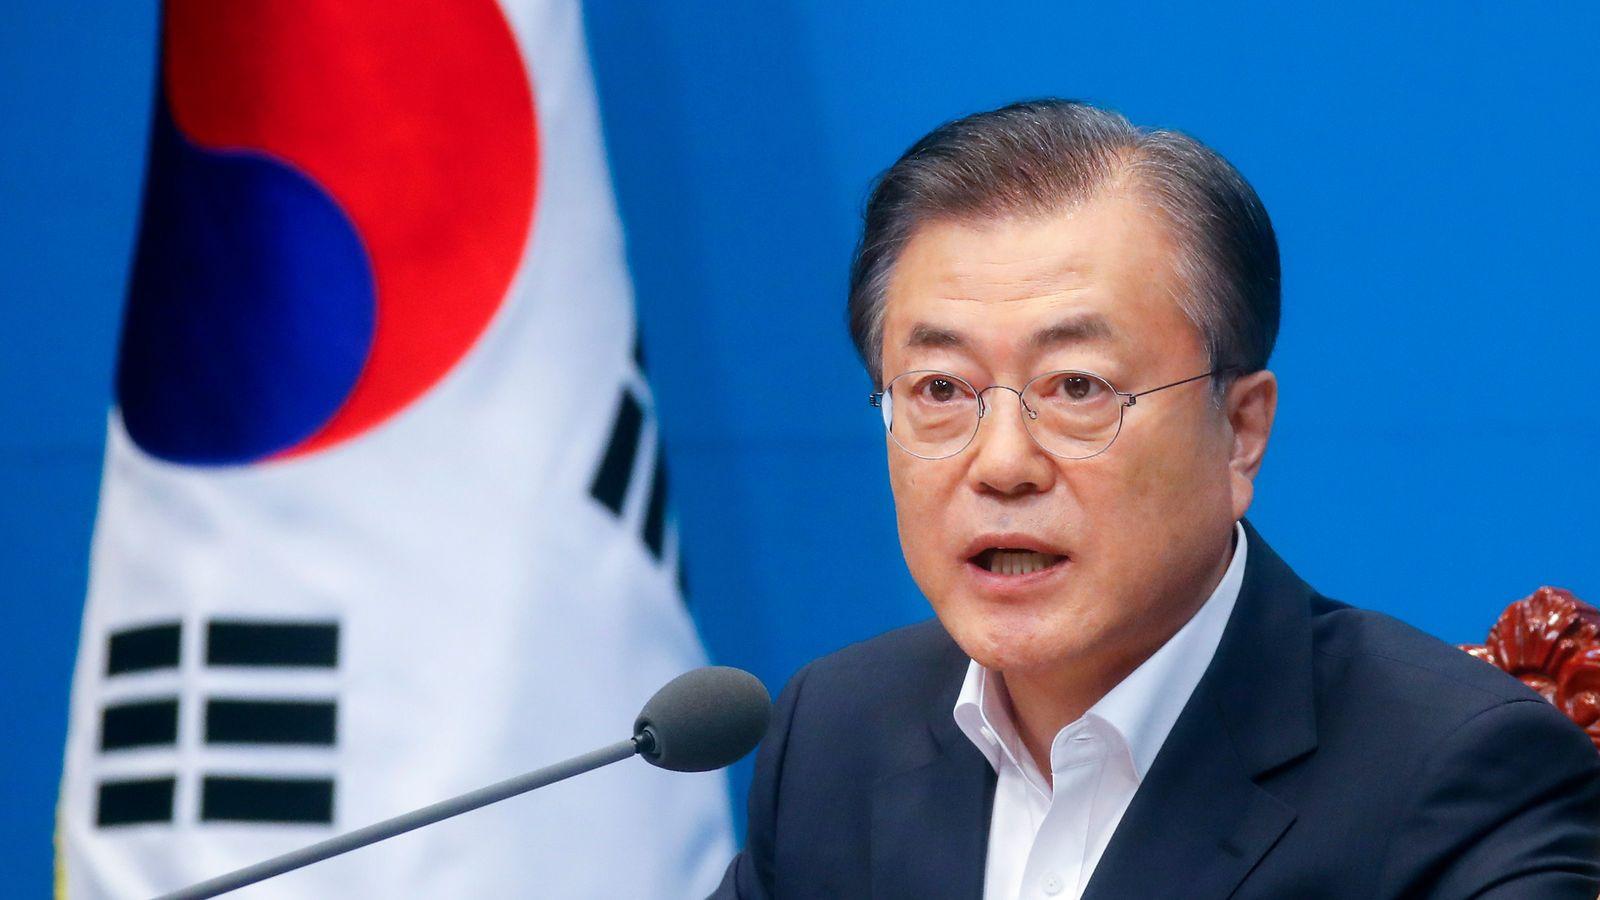 景気悪化を「日本のせい」にしたい韓国の事情 ホワイト国除外の影響は軽微なのに